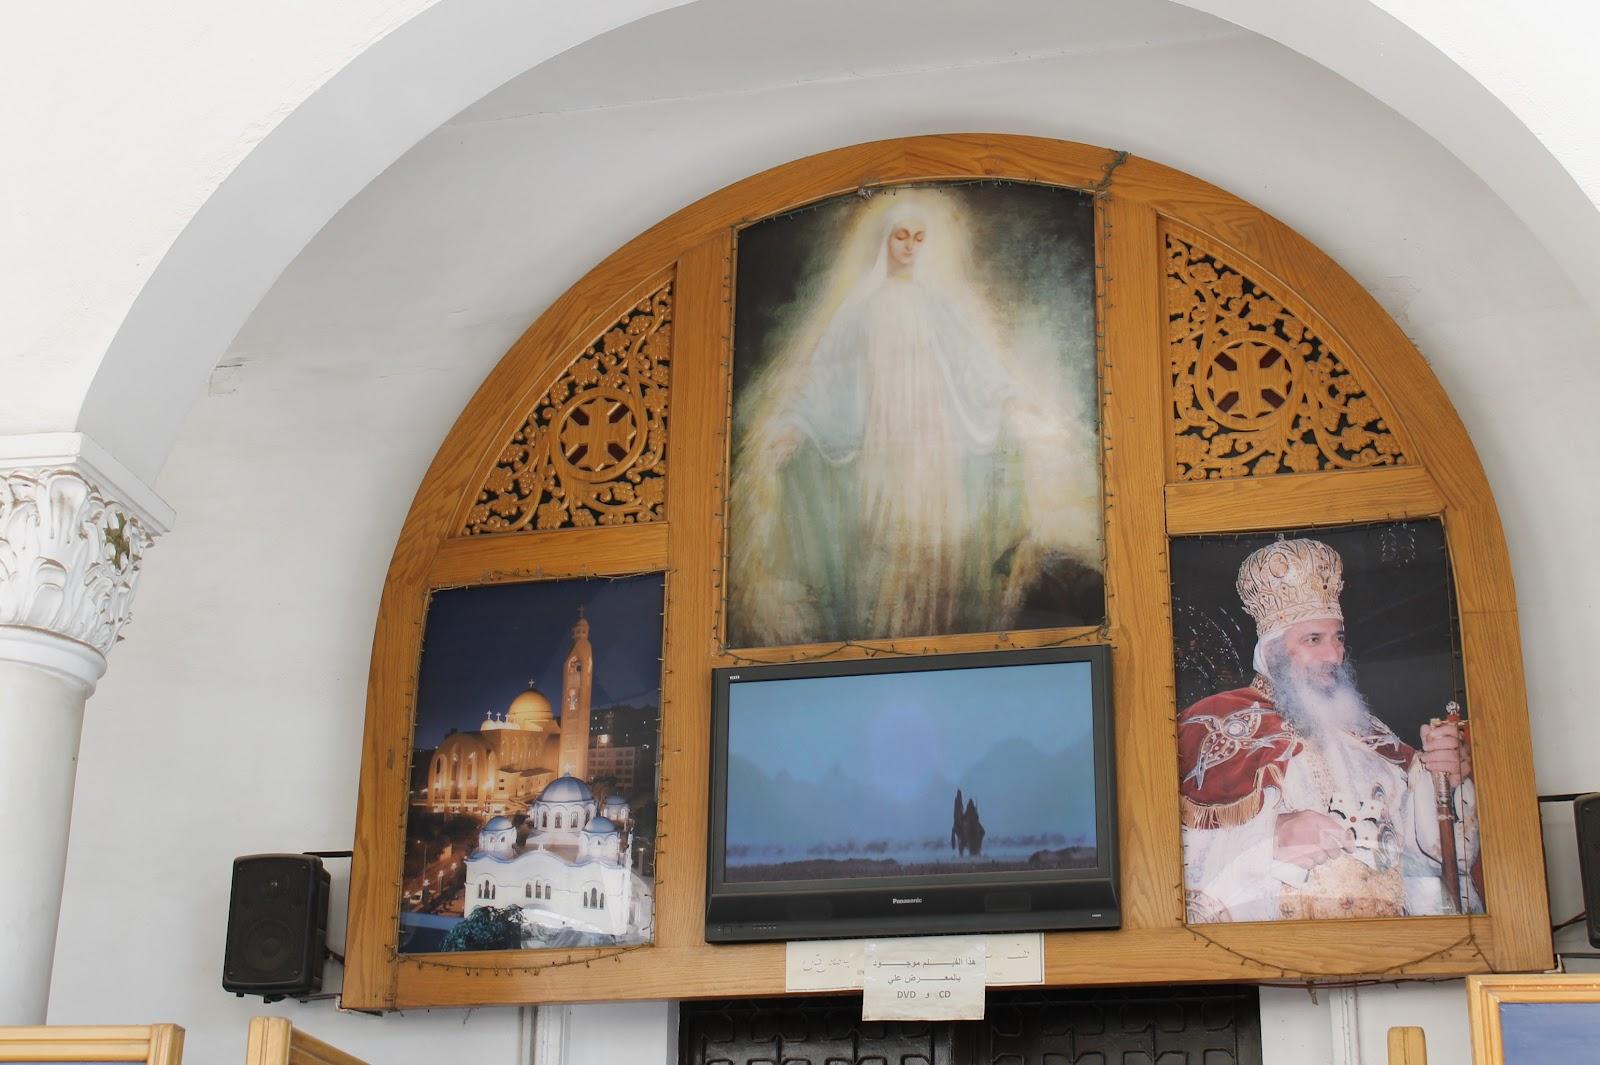 Apariciones que Vieron 250 mil Personas: Nuestra Señora de la Luz, Zeitun, Egipto (2 abr)